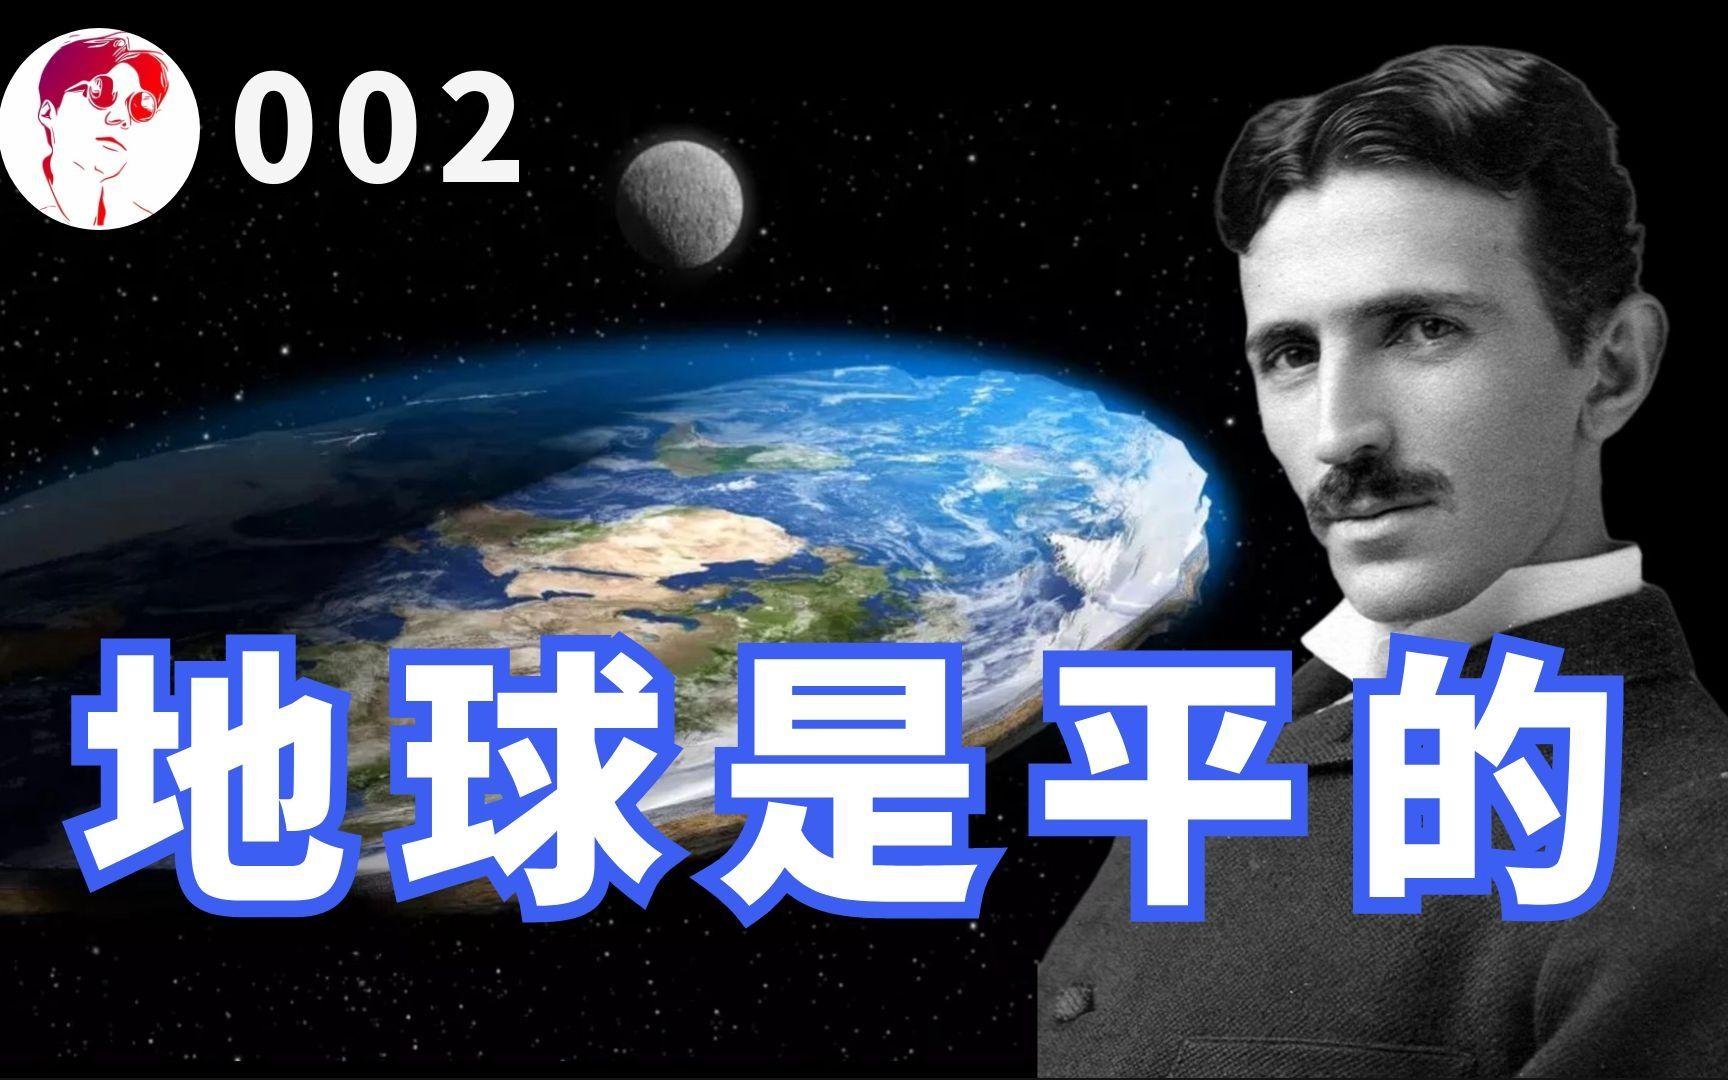 【阴谋论】特斯拉认为地球是平的;澳大利亚也并不存在